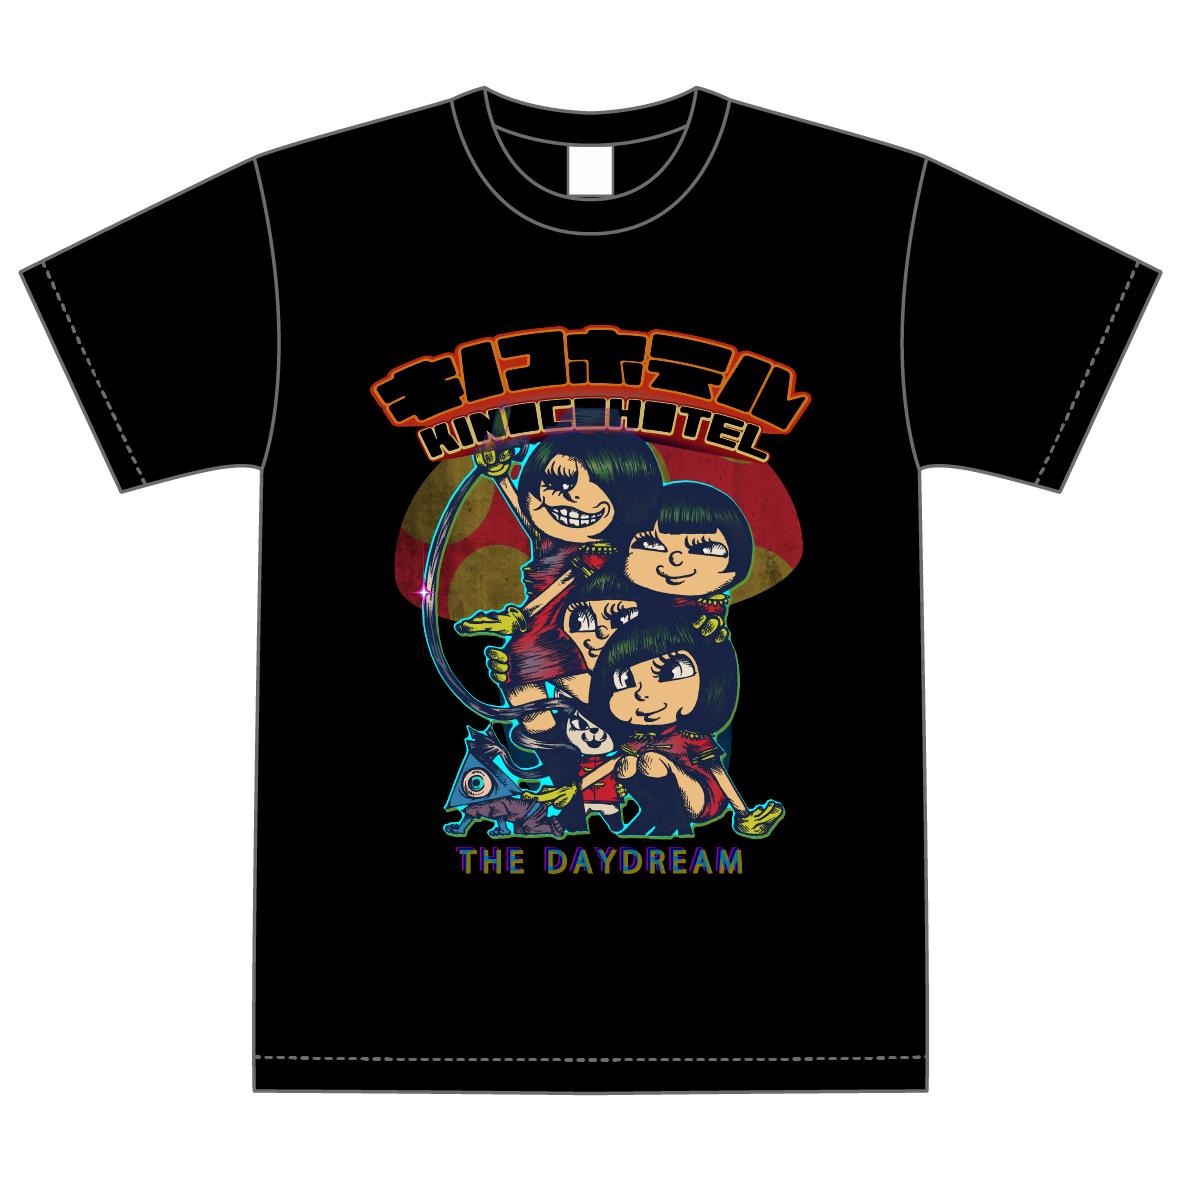 キノコホテル×THE DAYDREAMコラボTシャツ【黒】※SALE